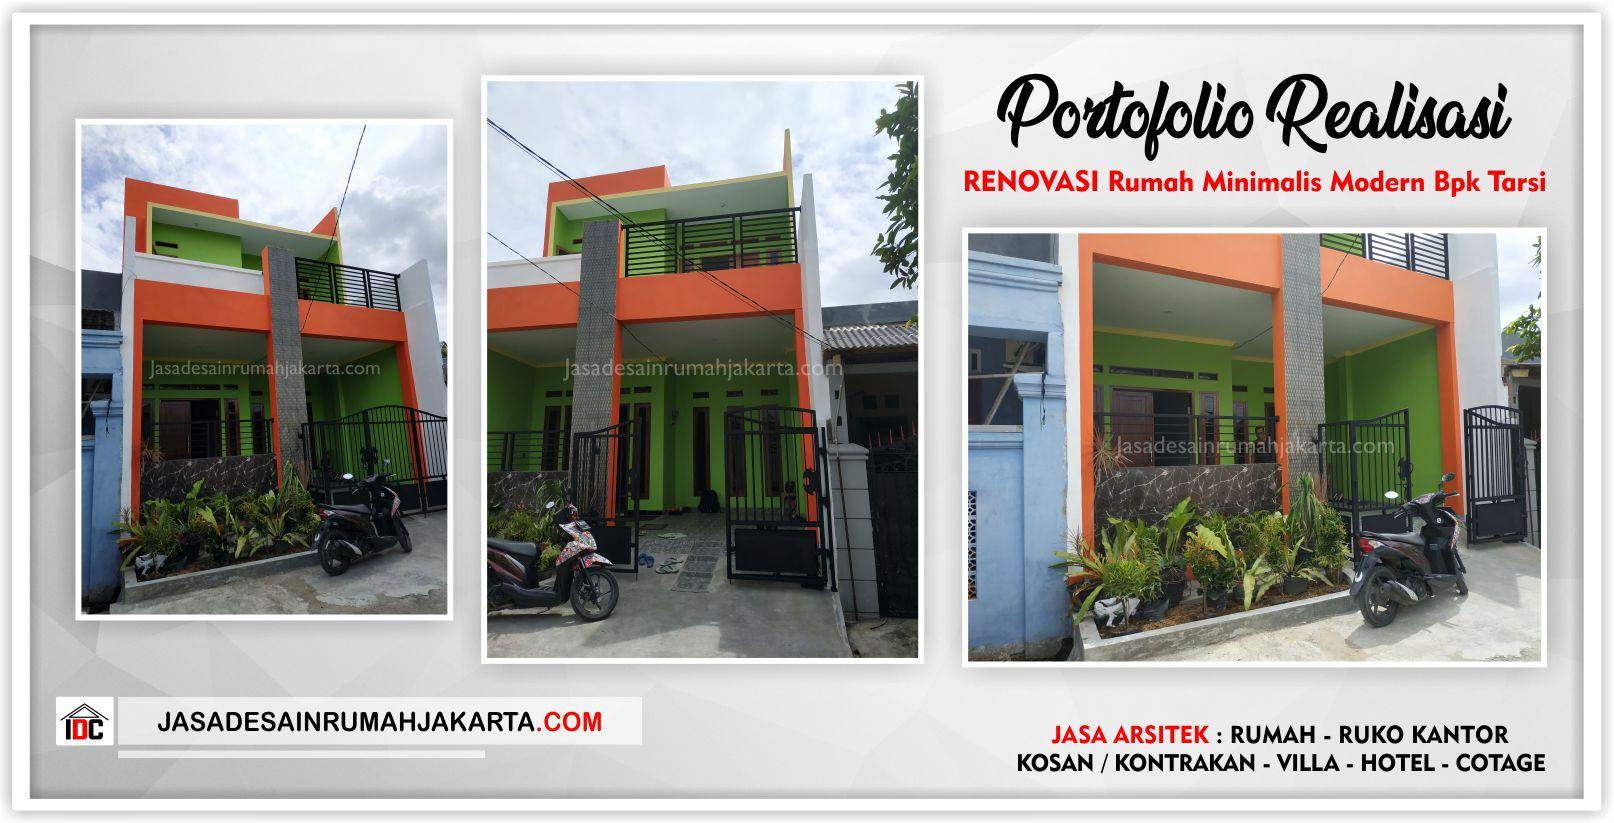 Realisasi Kunjungan Rumah Bpk Tarsi-Arsitek Gambar Desain Rumah Minimalis Modern Di Tangerang-Jakarta-Surabaya-Bekasi-Bandung-Jasa Konsultan Desain Arsitek Profesional 3